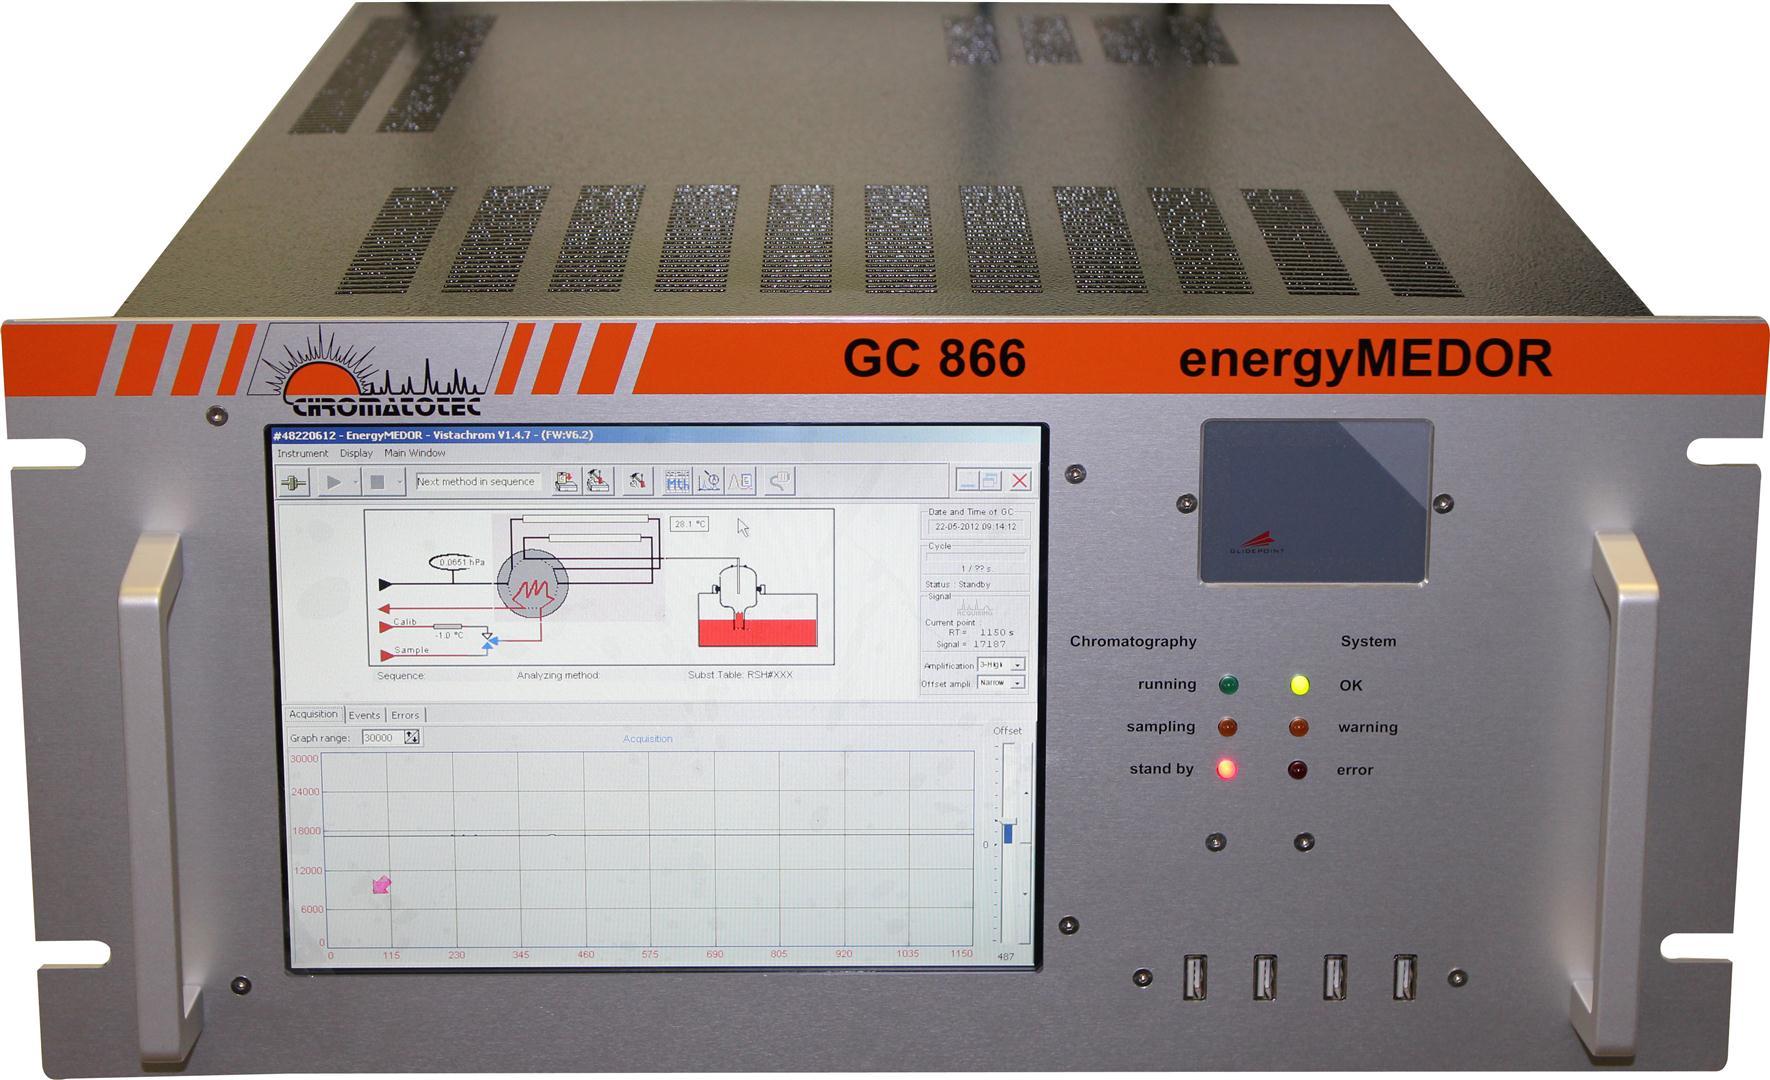 Analyseur de composes soufres dans le gaz naturel - energymedor